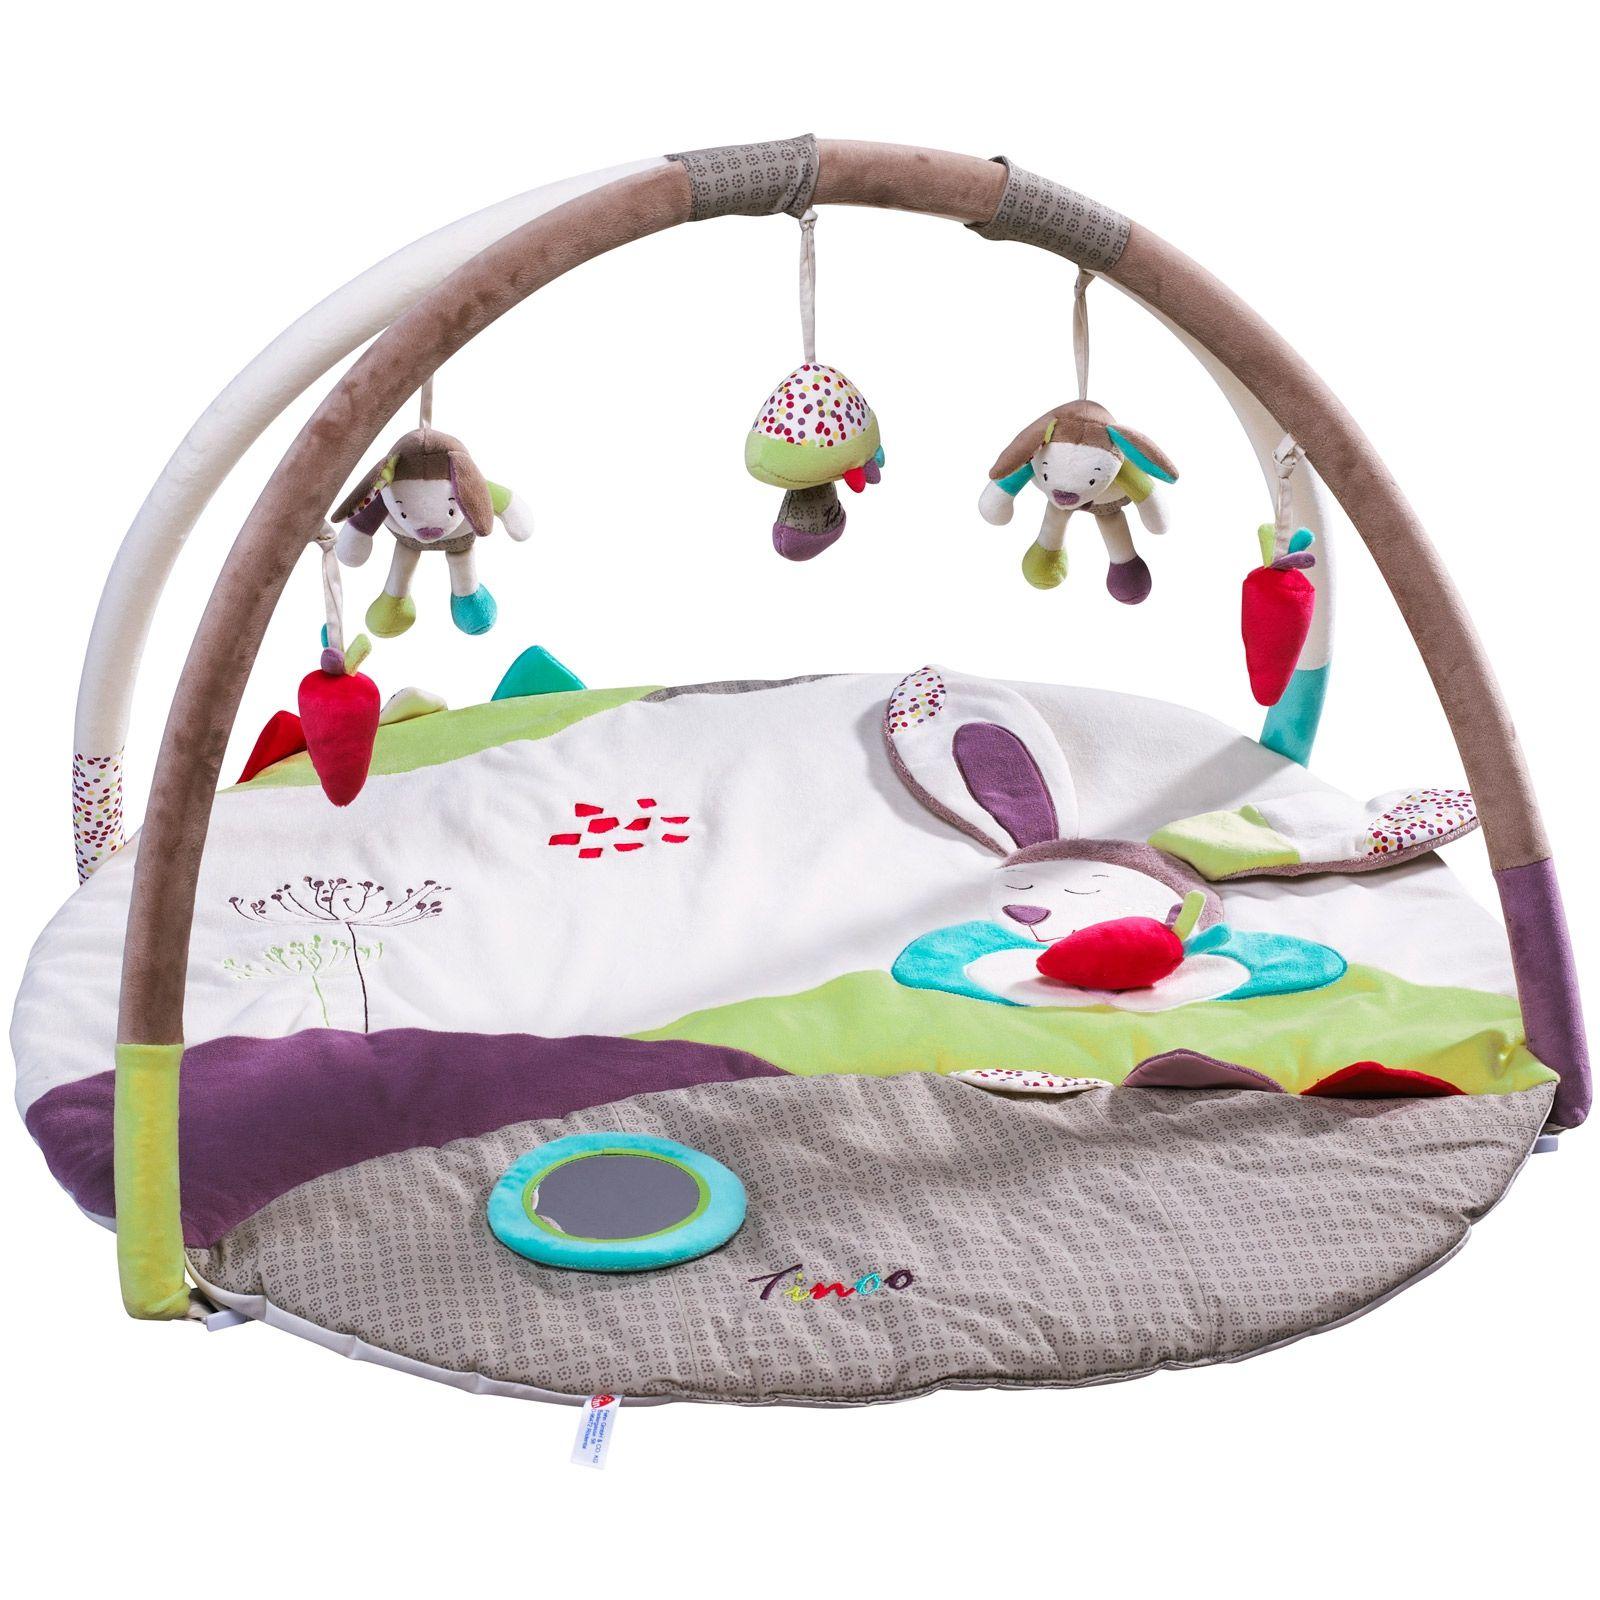 Le tapis d éveil Tinoo rond de la marque Sauthon propose de